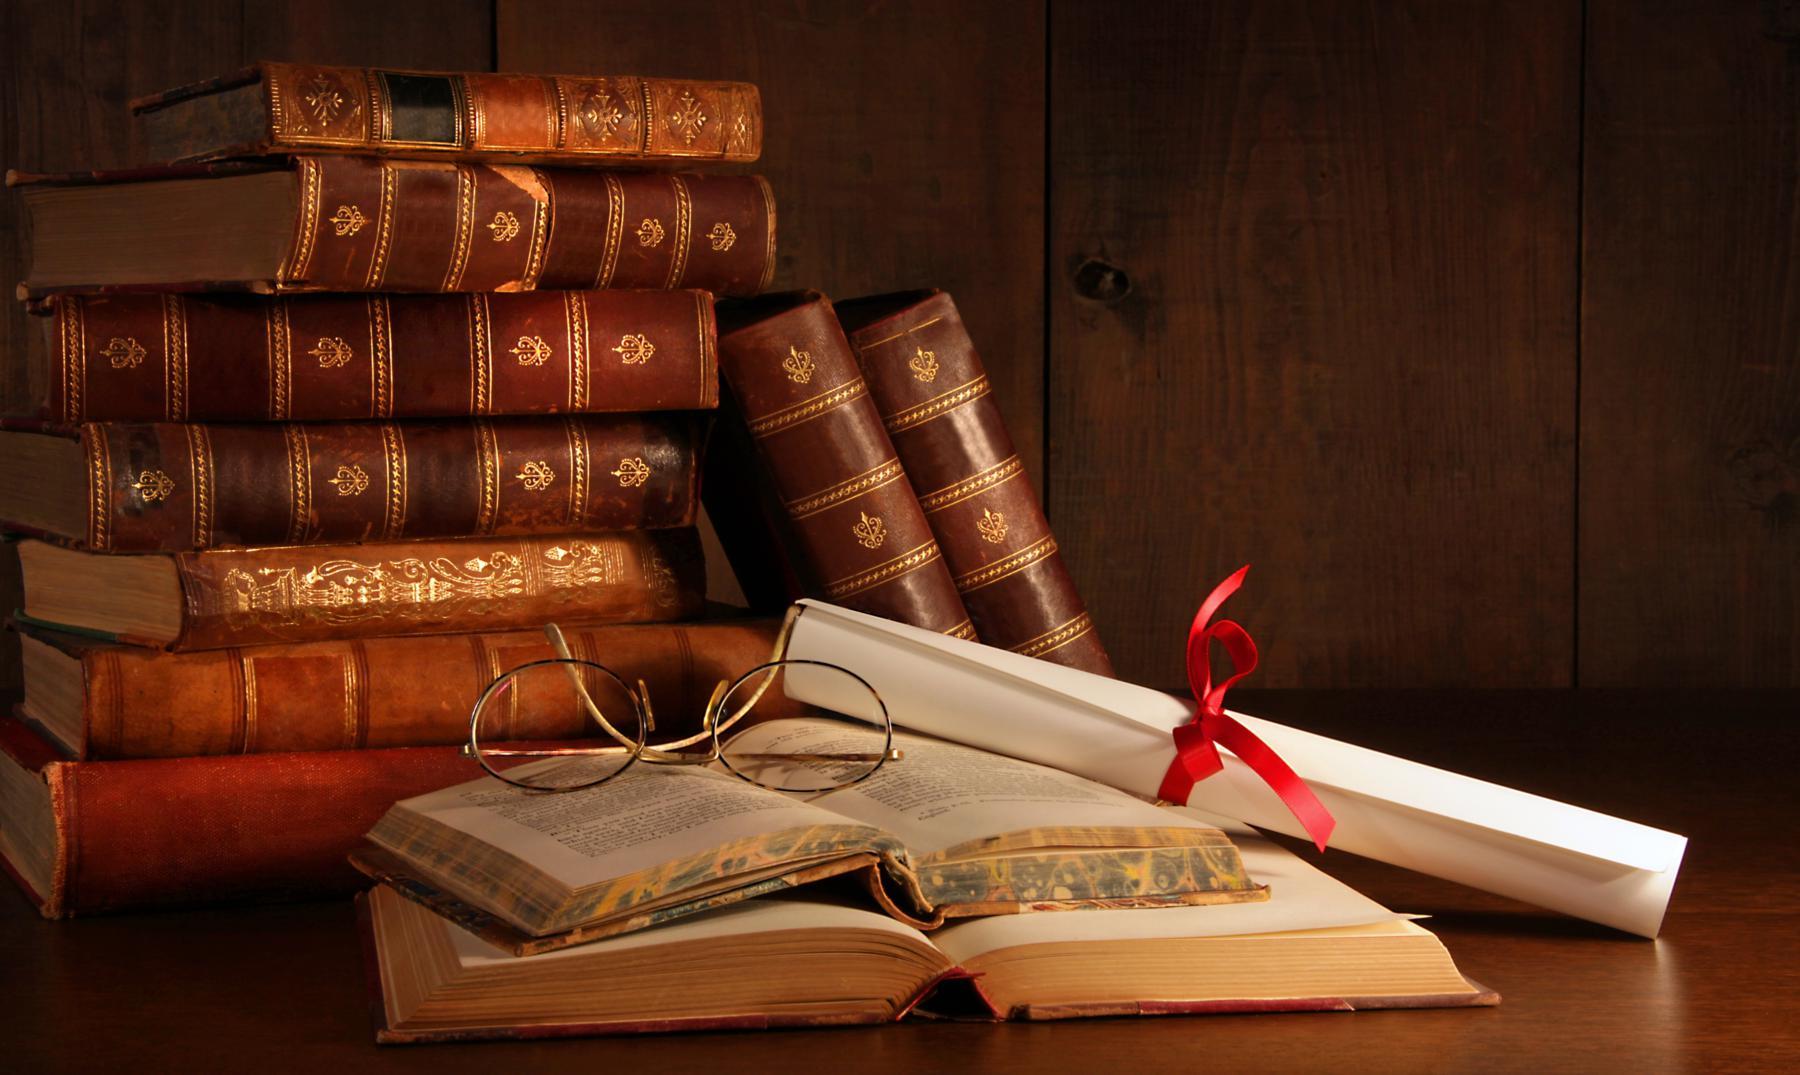 ¿Por qué nos gusta el olor de los libros?